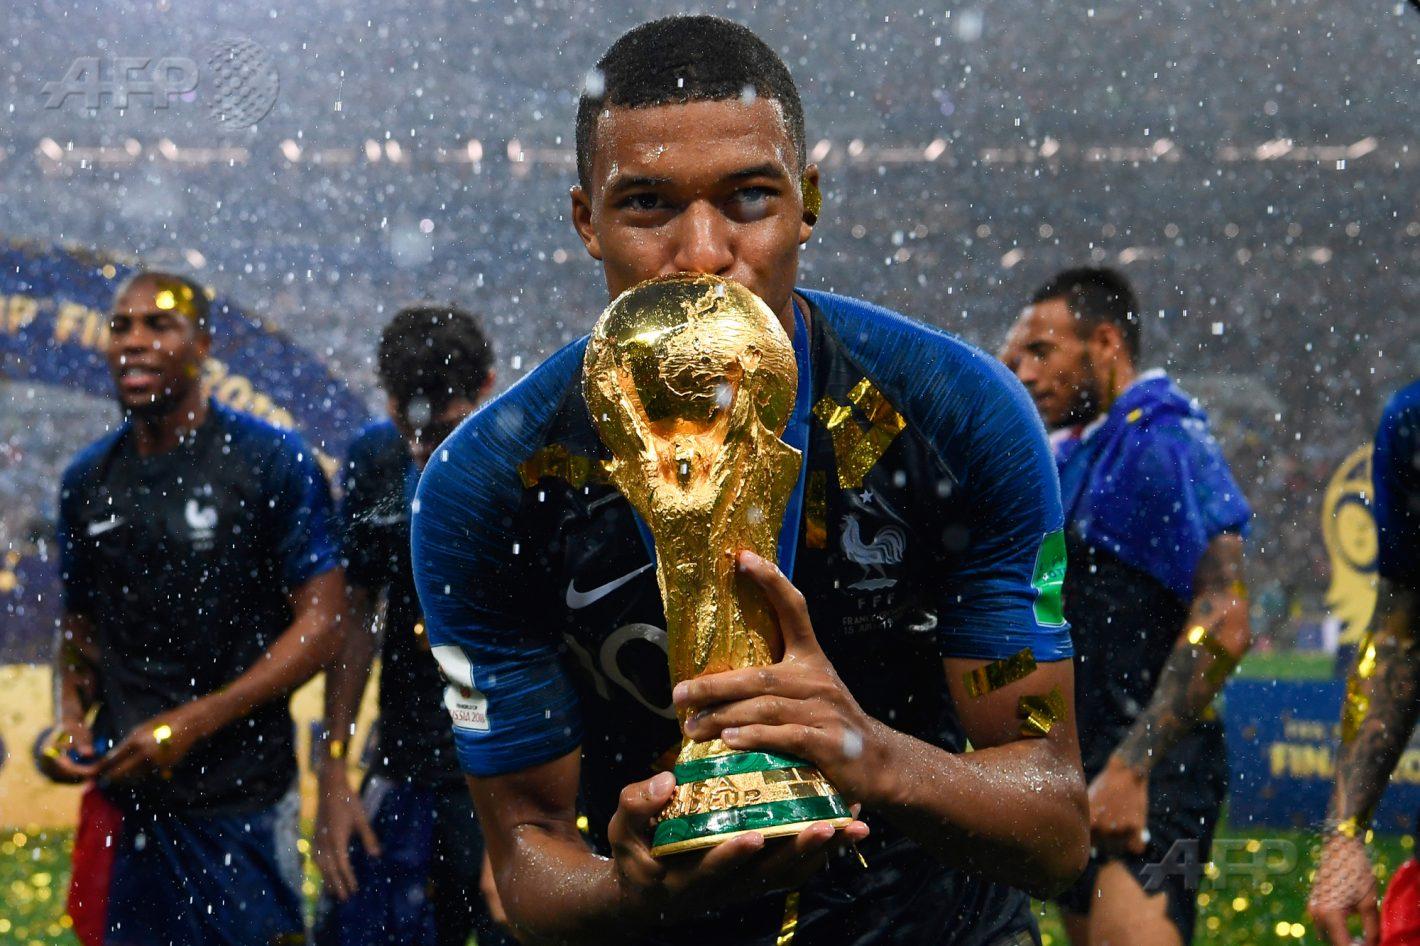 15 juillet 2018 – Moscou - L'attaquant français Kylian Mbappé embrasse le trophée de la Coupe du monde de football suite à la victoire de la France sur la Croatie lors de la finale au stade Luzhniki. AFP PHOTO / FRANCK FIFE